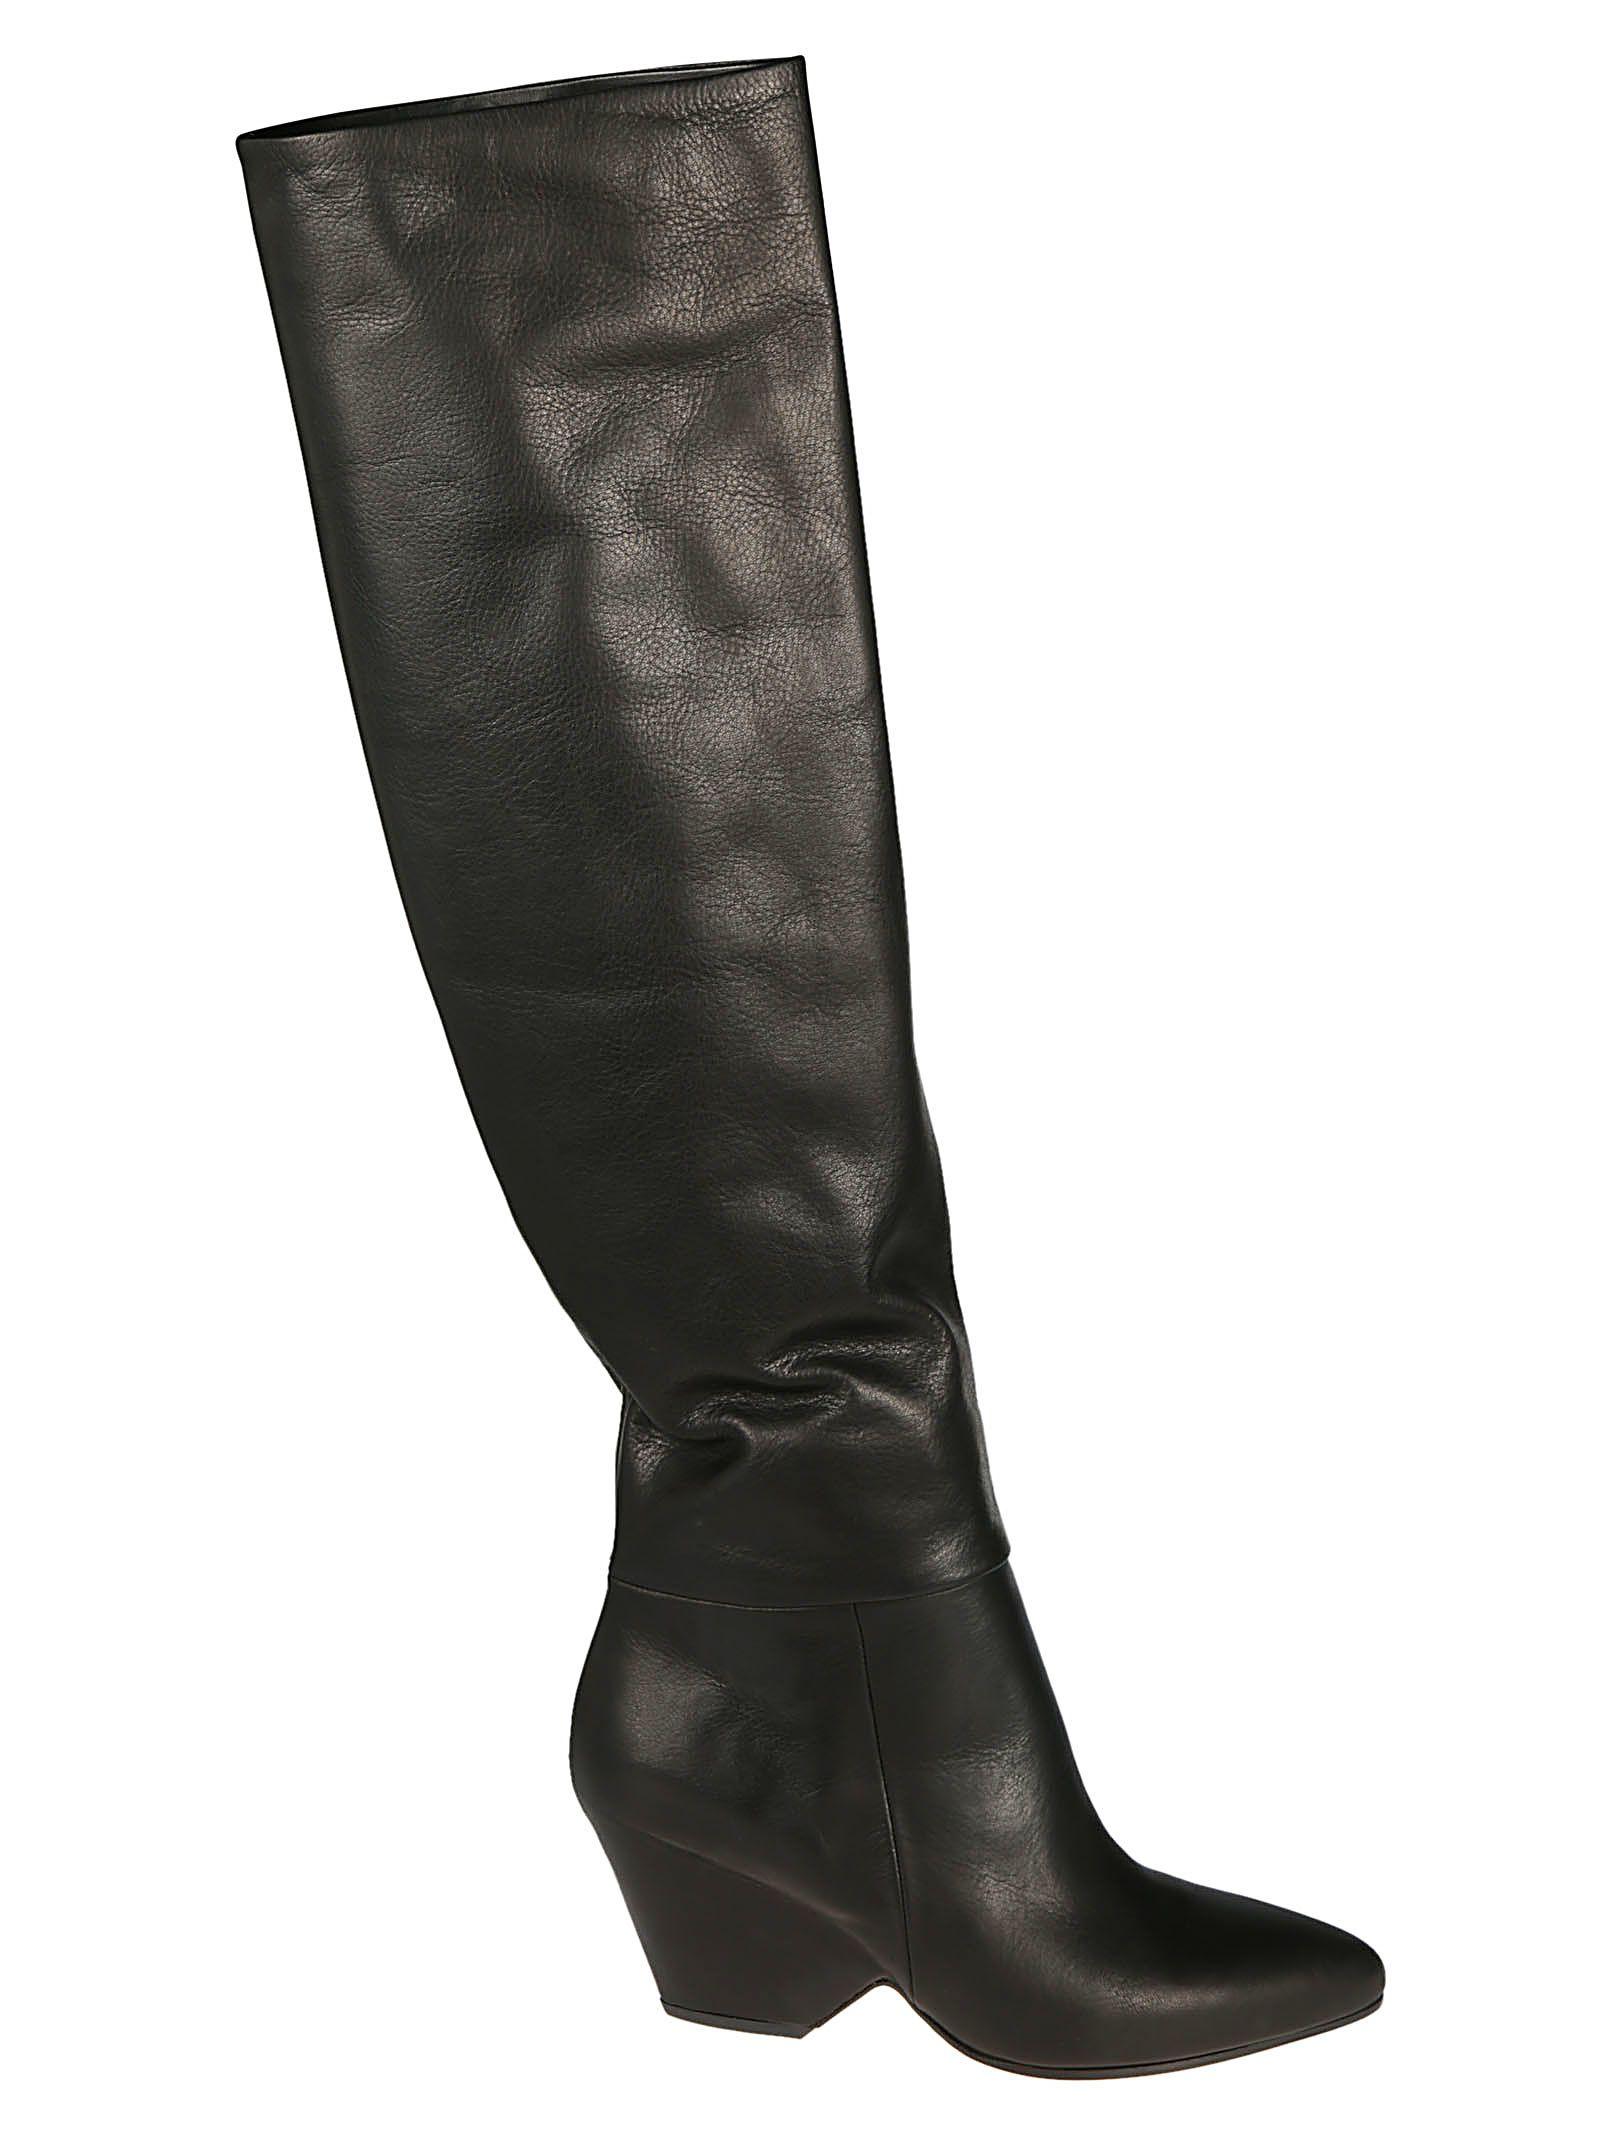 VIC MATIE Vic Matie' Cone Heel Boots in Nero